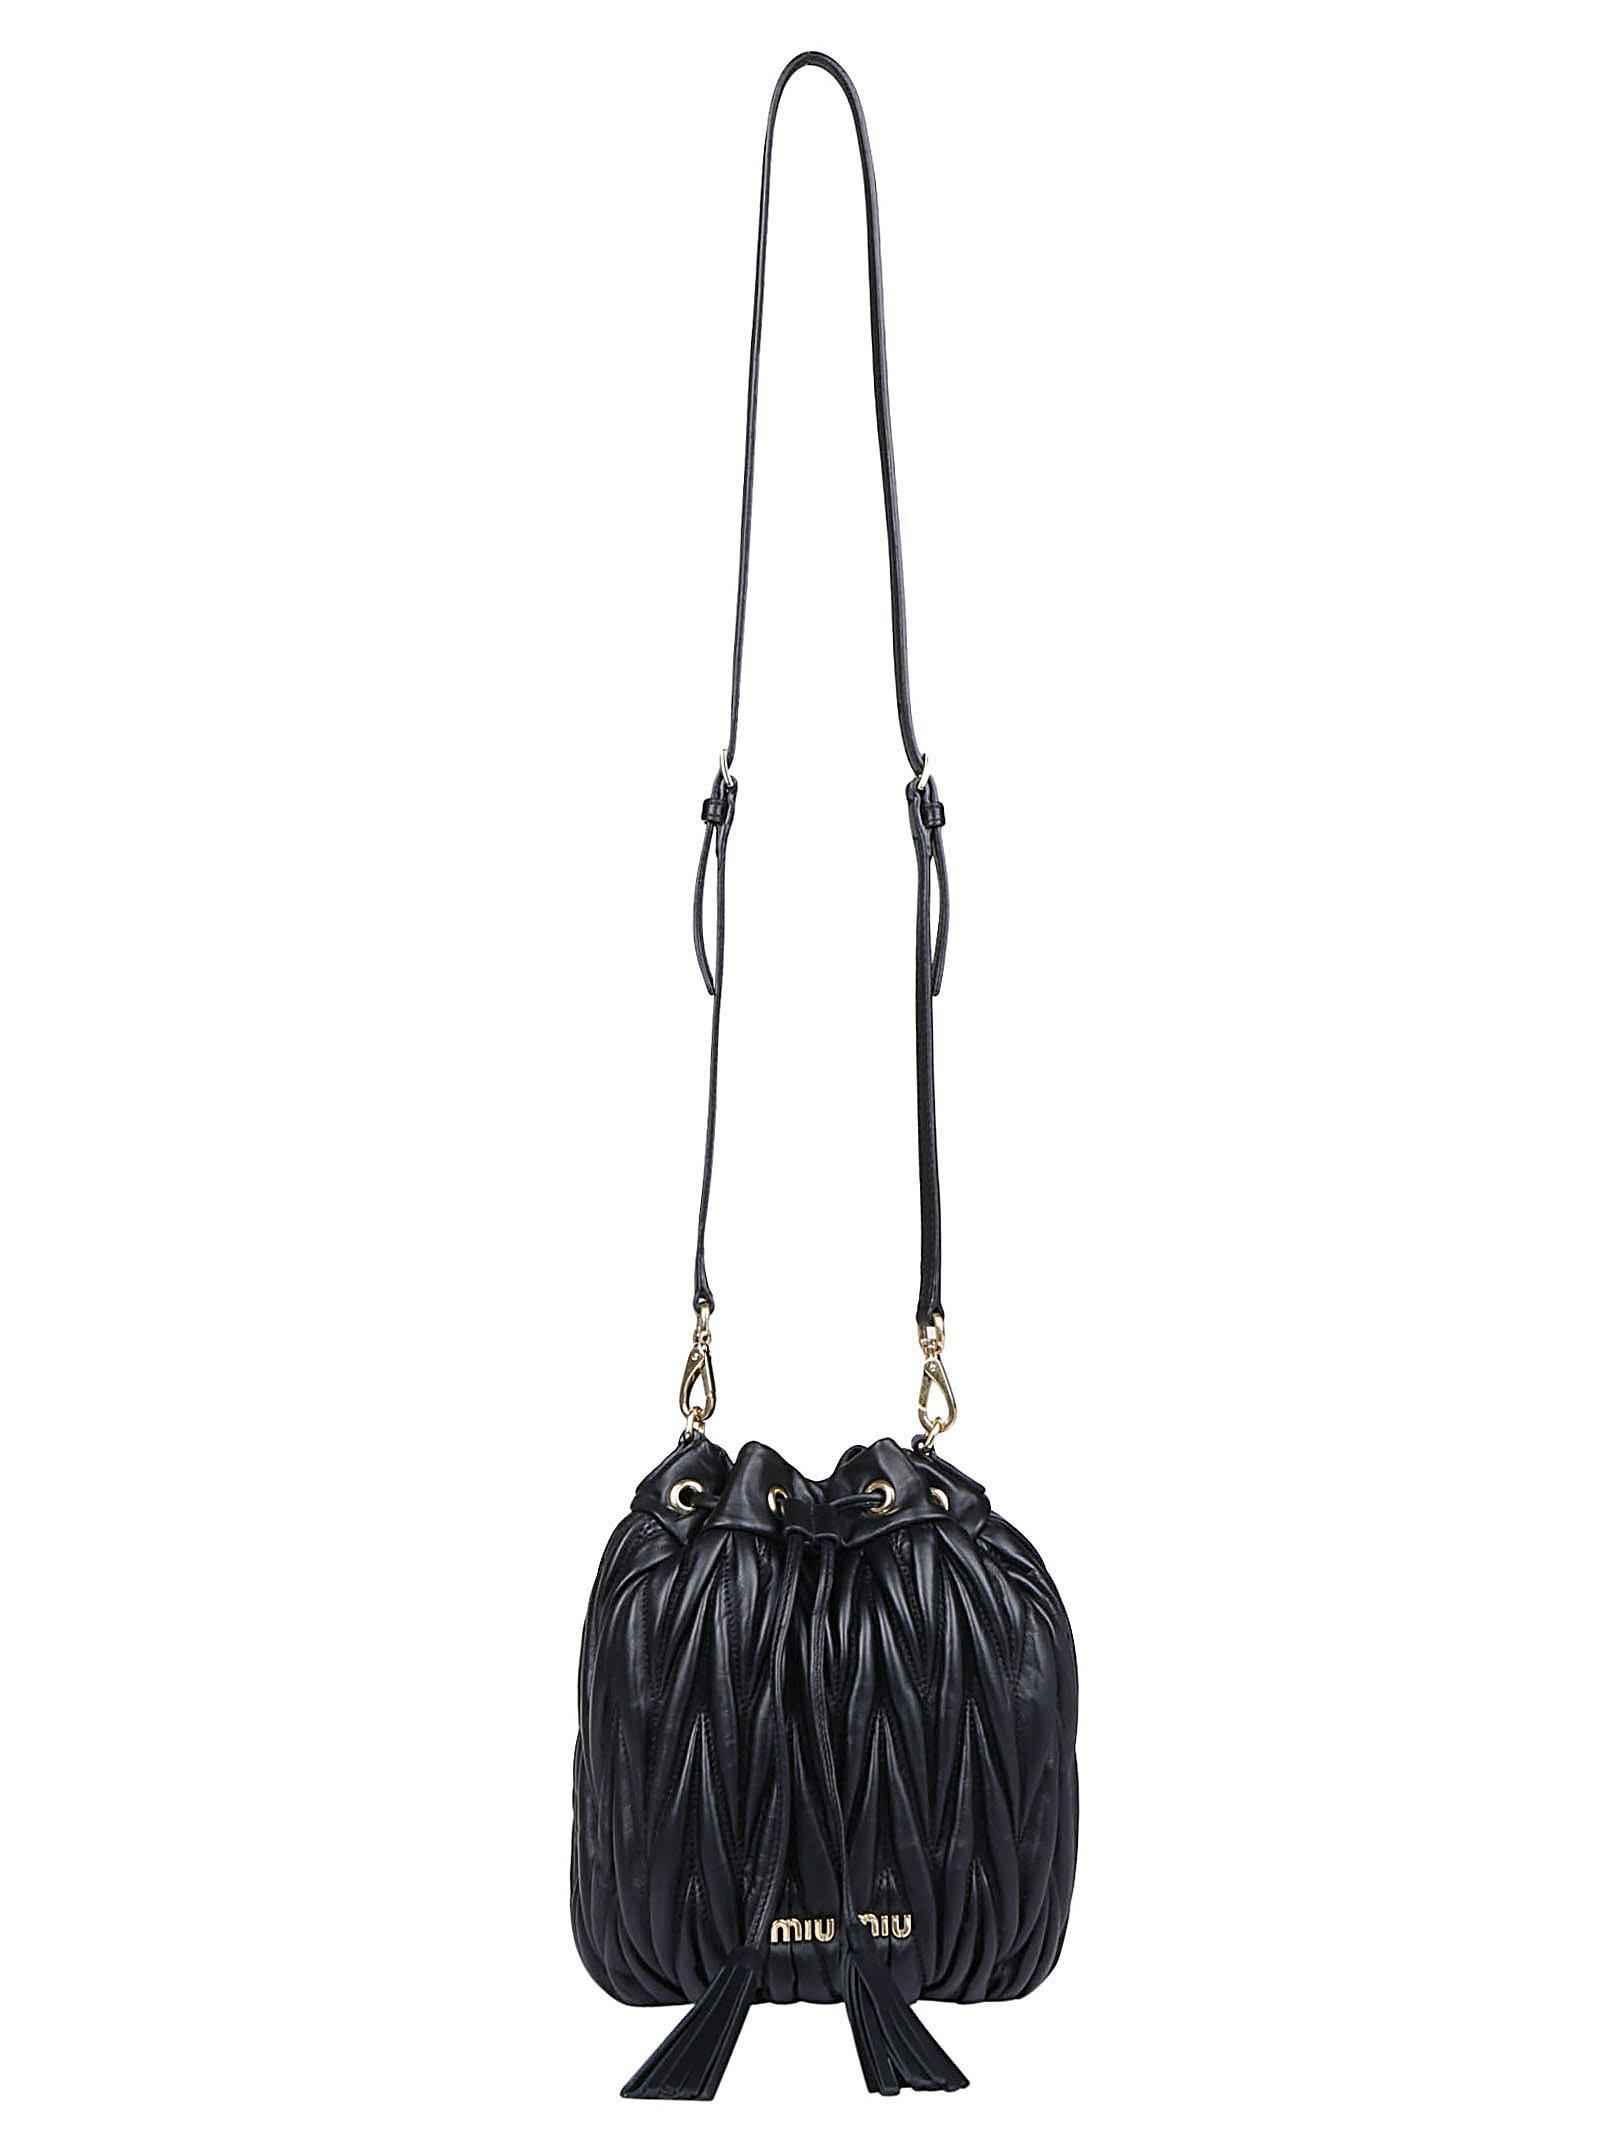 Miu Miu Bucket Tassels Tote Bag in Black - Lyst d8f53742419c8